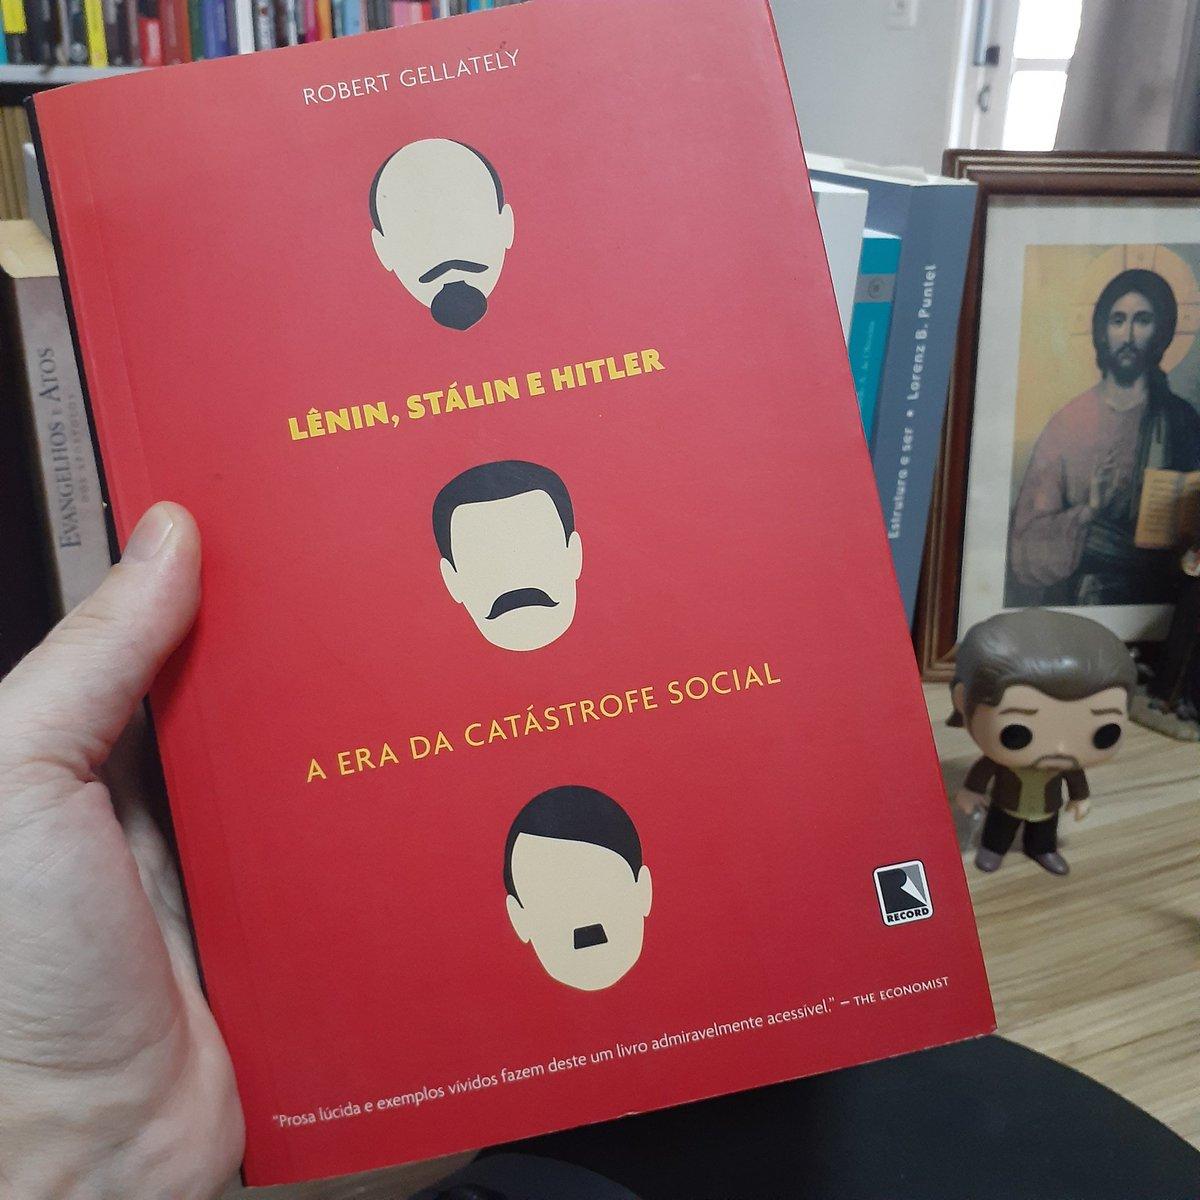 Lênin, Stalin e Hitler. Tudo no mesmo saco, tudo na mesma era de catástrofe social. Livraço do Robert Gellately.